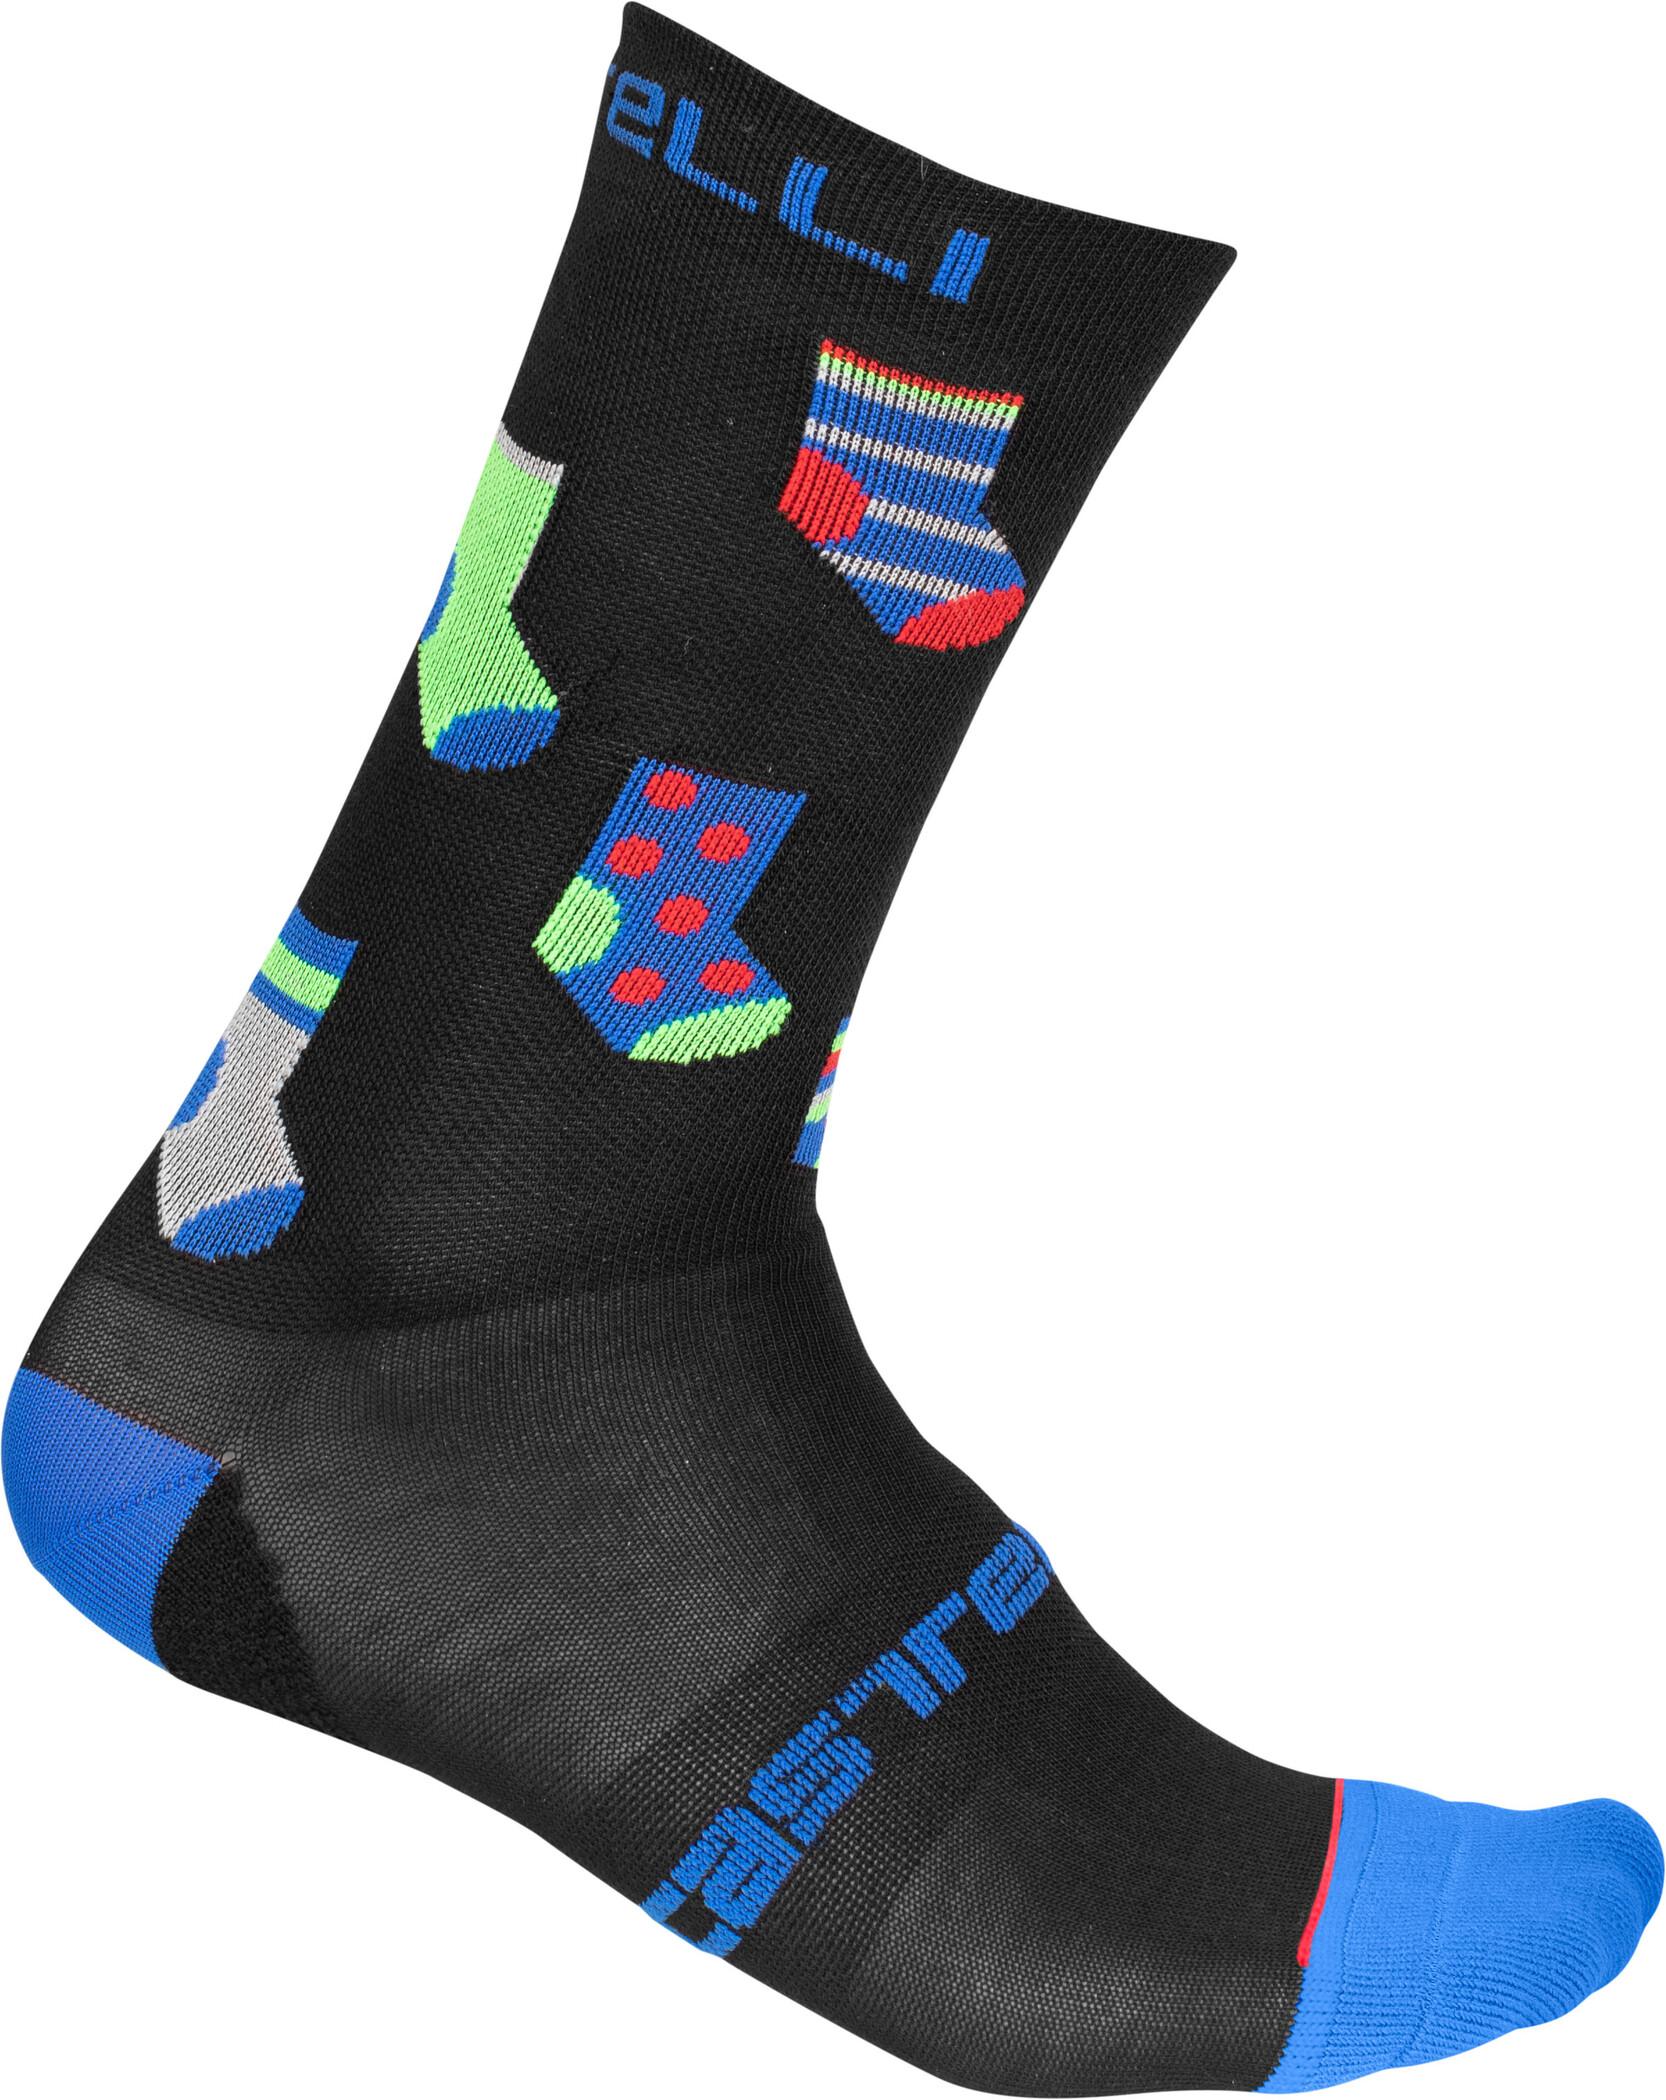 Castelli Pazzo 18 Socks | Strømper